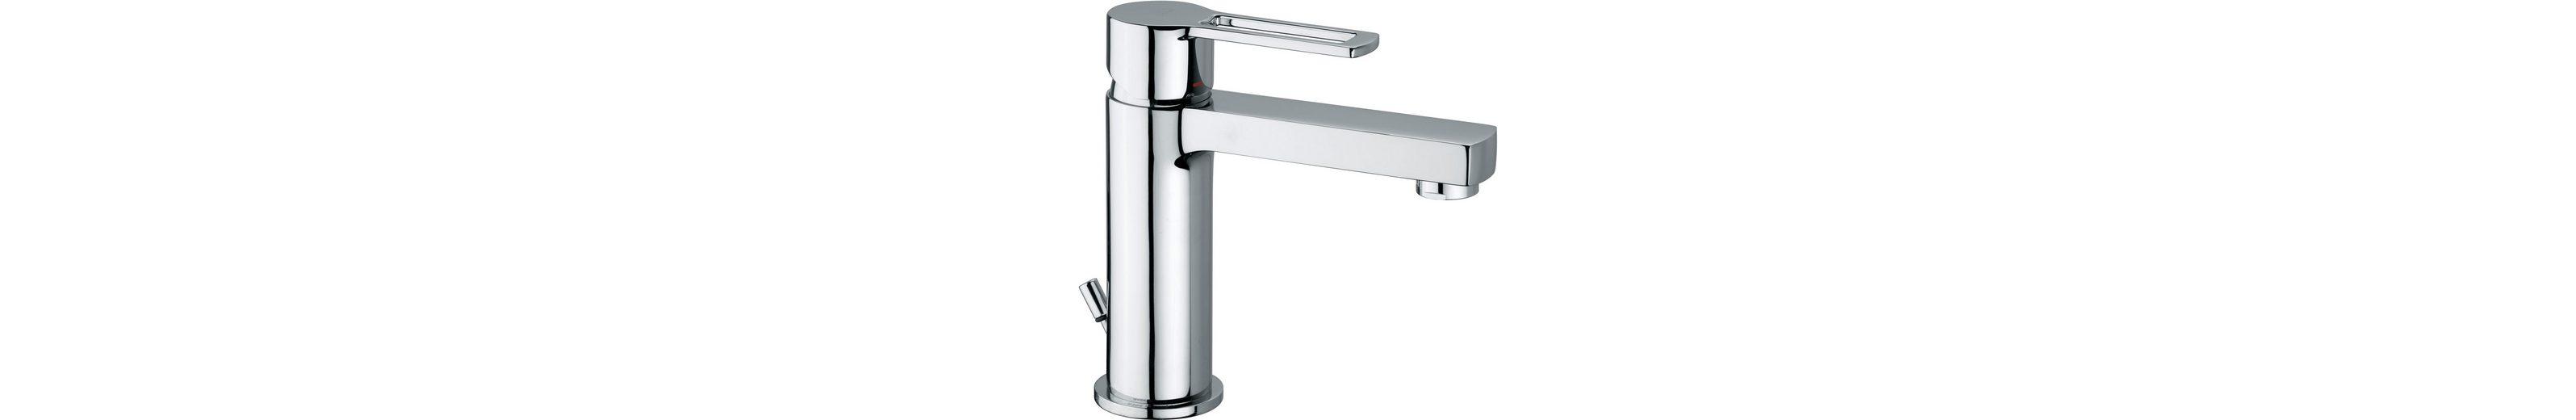 Eyckhaus bath & relaxing Waschtischarmatur »Novell« Hochdruck